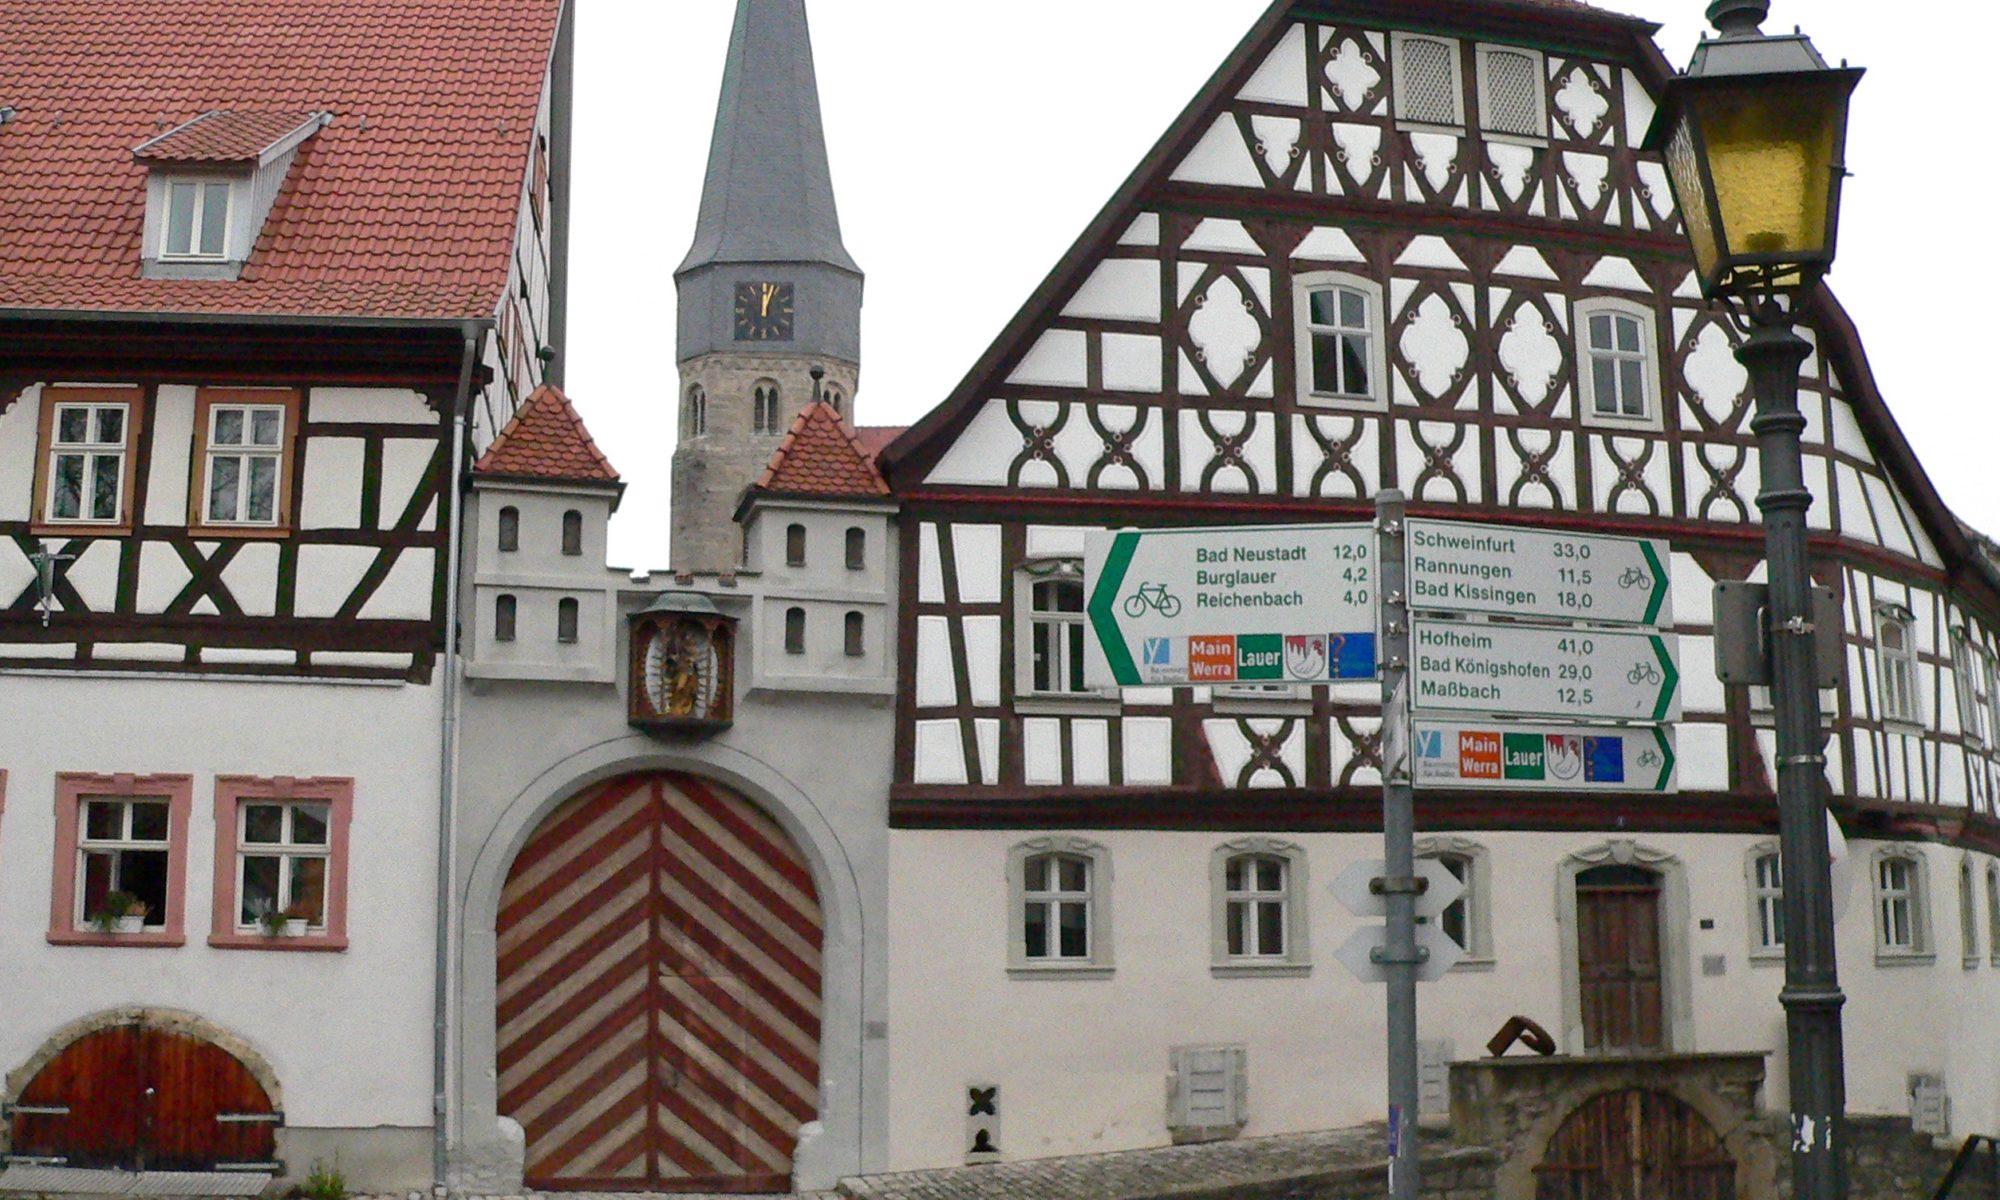 Münnerstadt - selbst lohnenswertes Ziel, aber auch Ausgangspunkt interessanter Touren. | Foto: B. Schneider